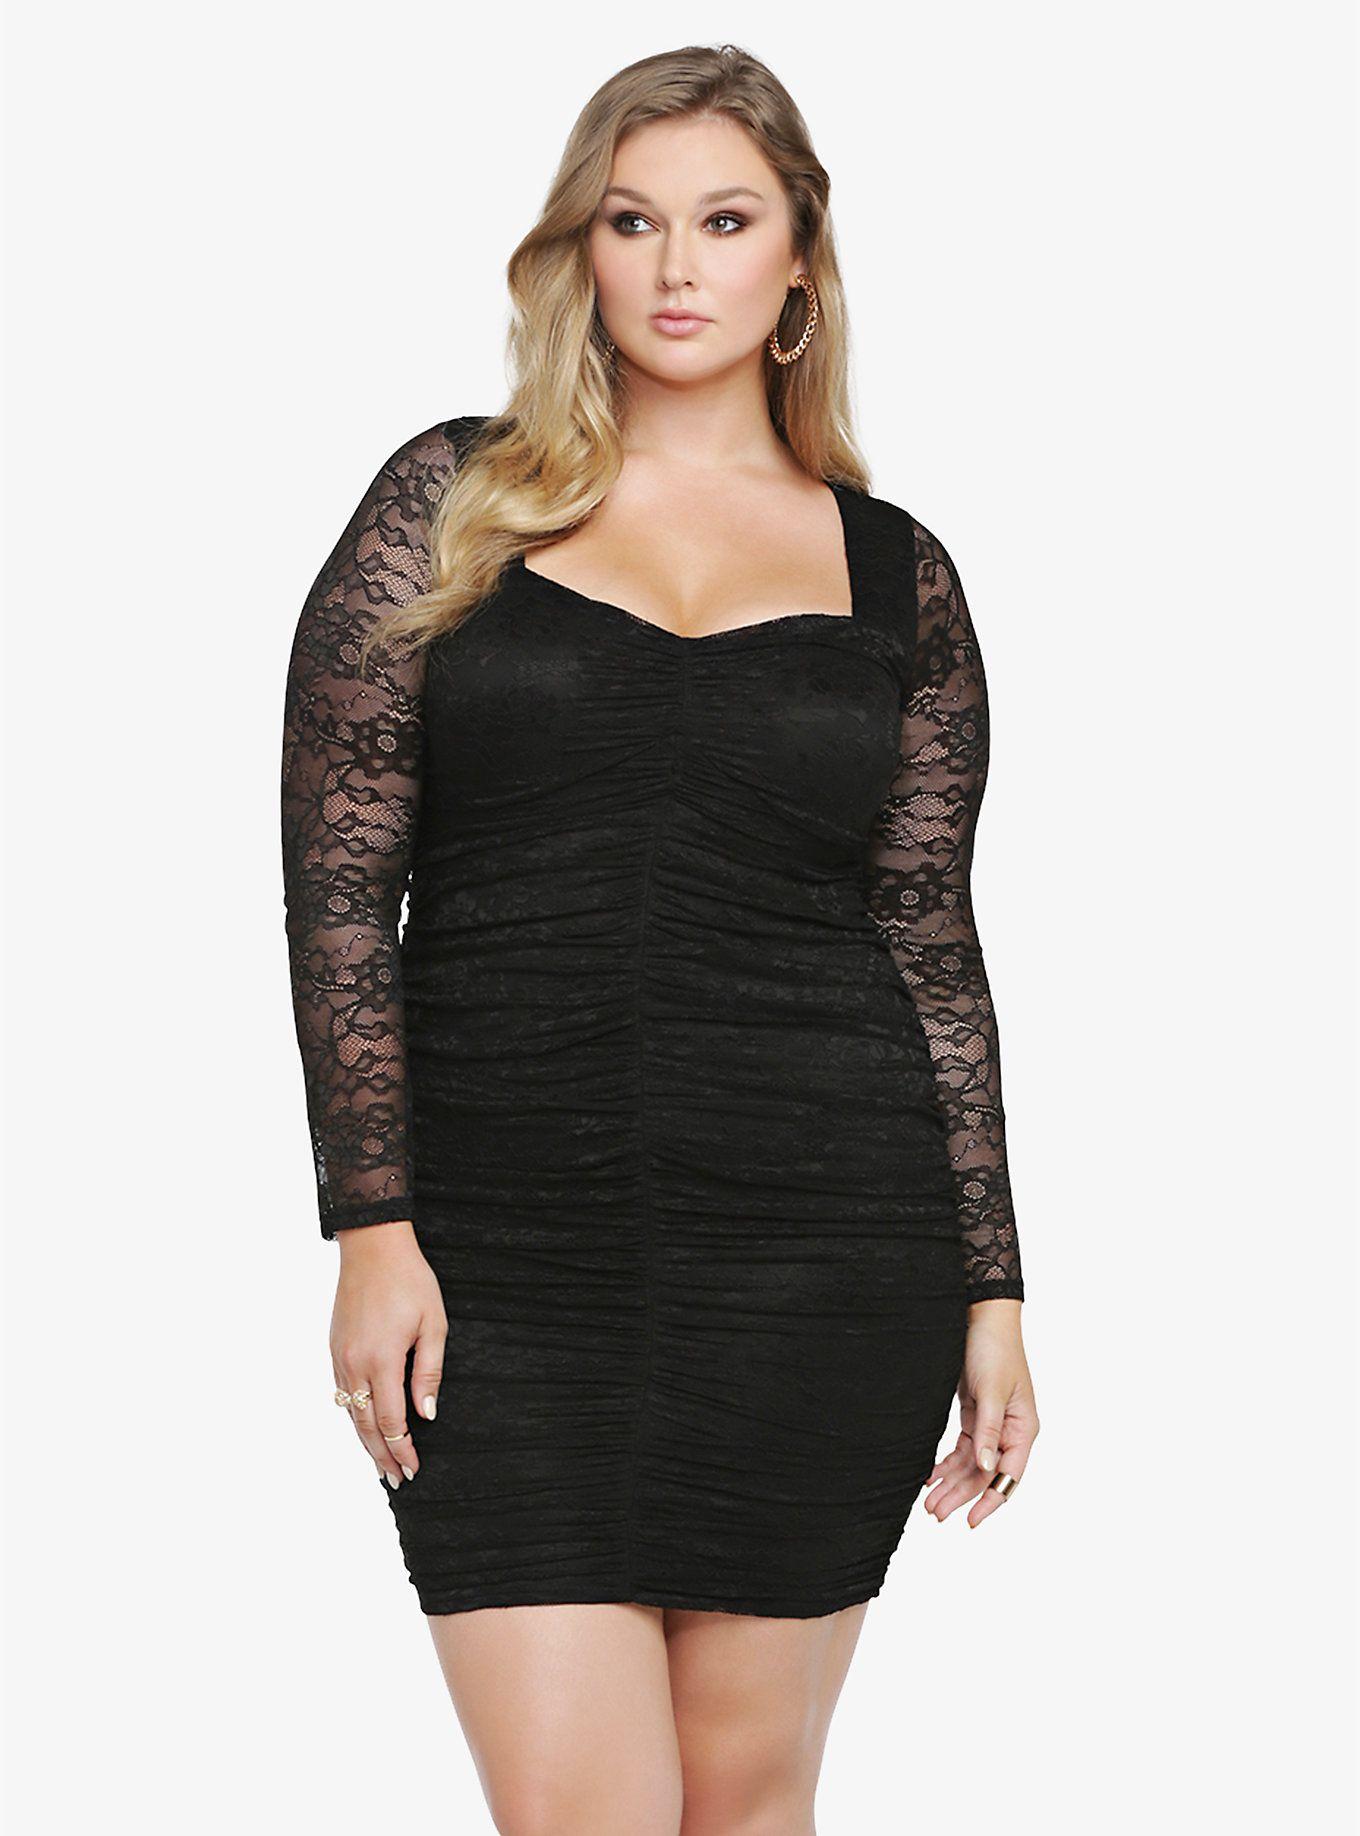 Dress size 24 torrid dress 24 torrid black and white draped v neck - Shirred Lace Bodycon Dress Torrid